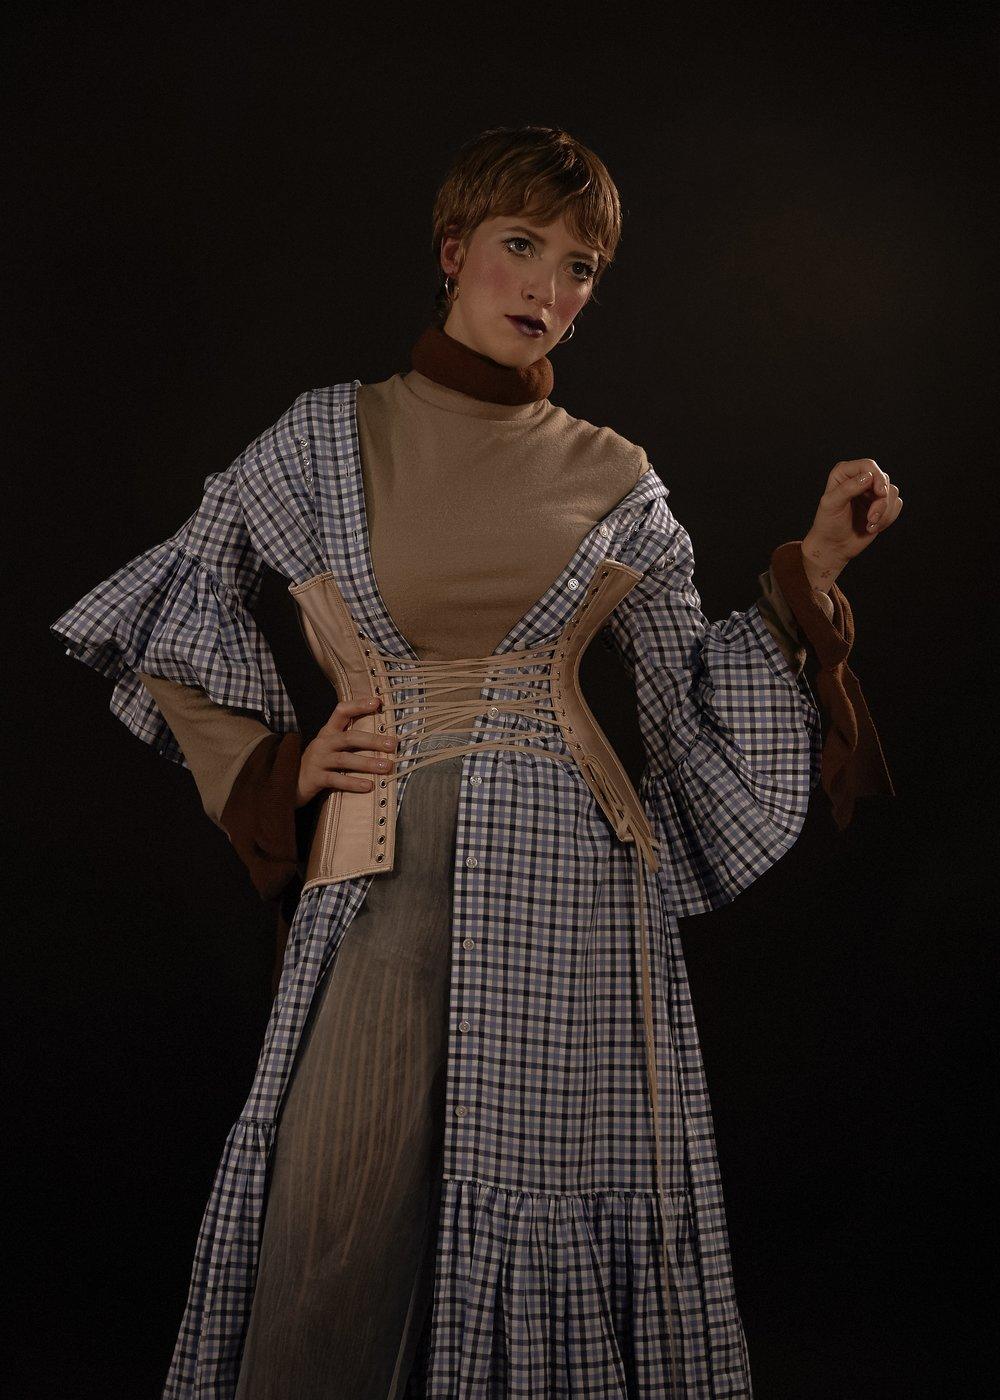 top Acne, dress Victoria / Tomas, corset Dorout Mees, leggings Veronique Leroy, trousers Ester Manas